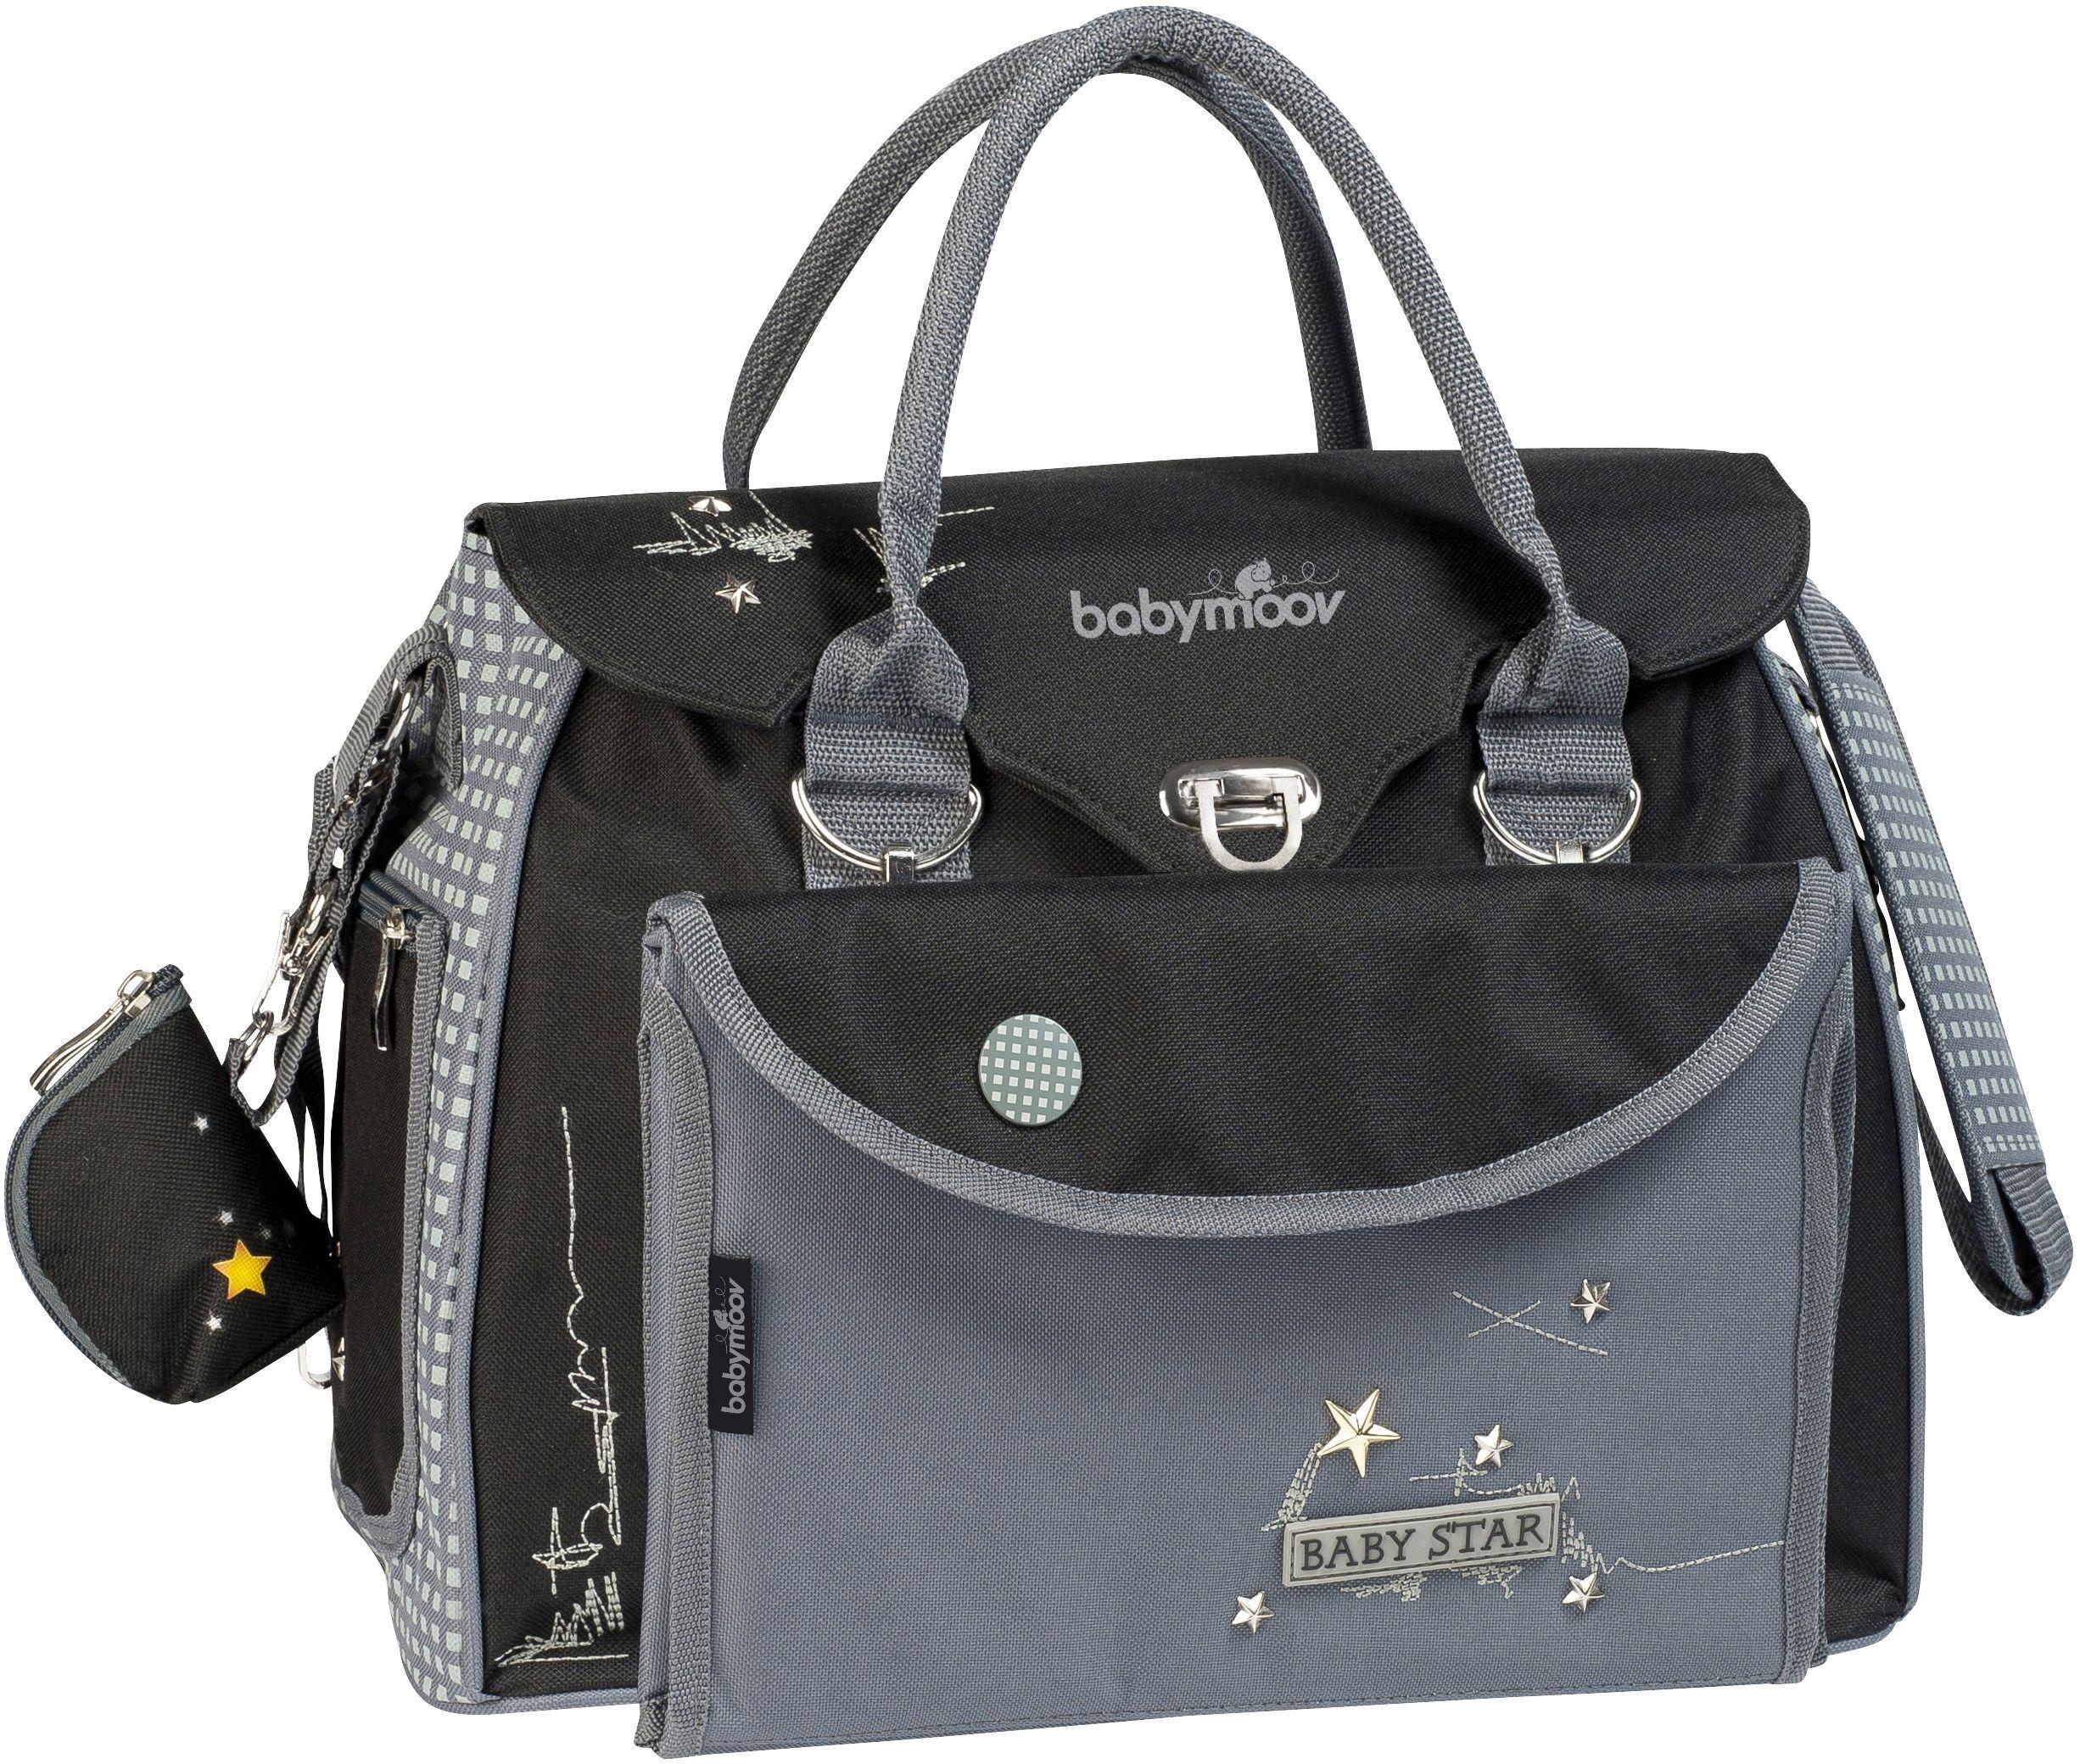 babymoov-maternity-baby-style-bag-star